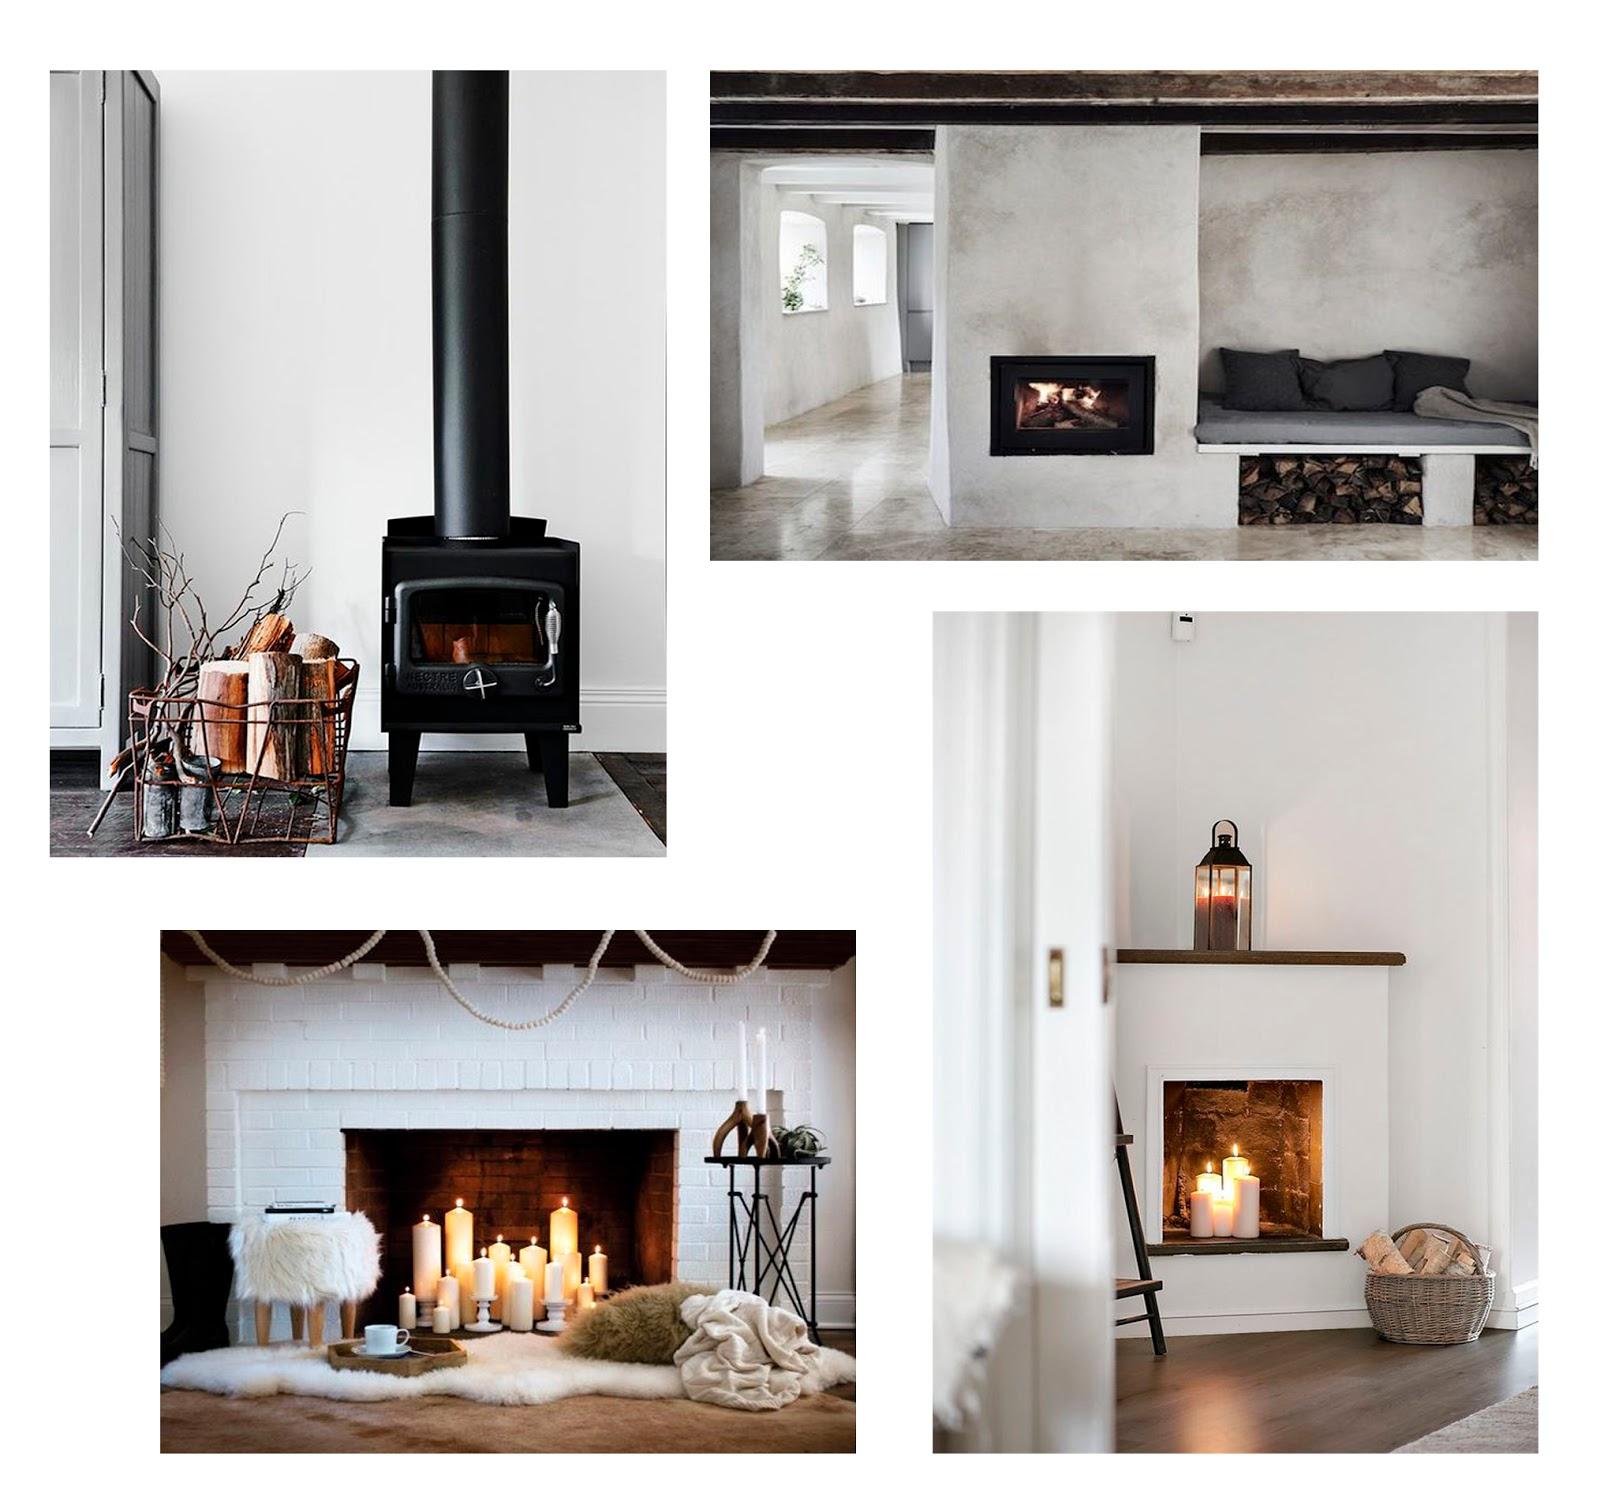 Chimeneas para decorar y dar calor a nuestro hogar - Chimeneas para decorar ...